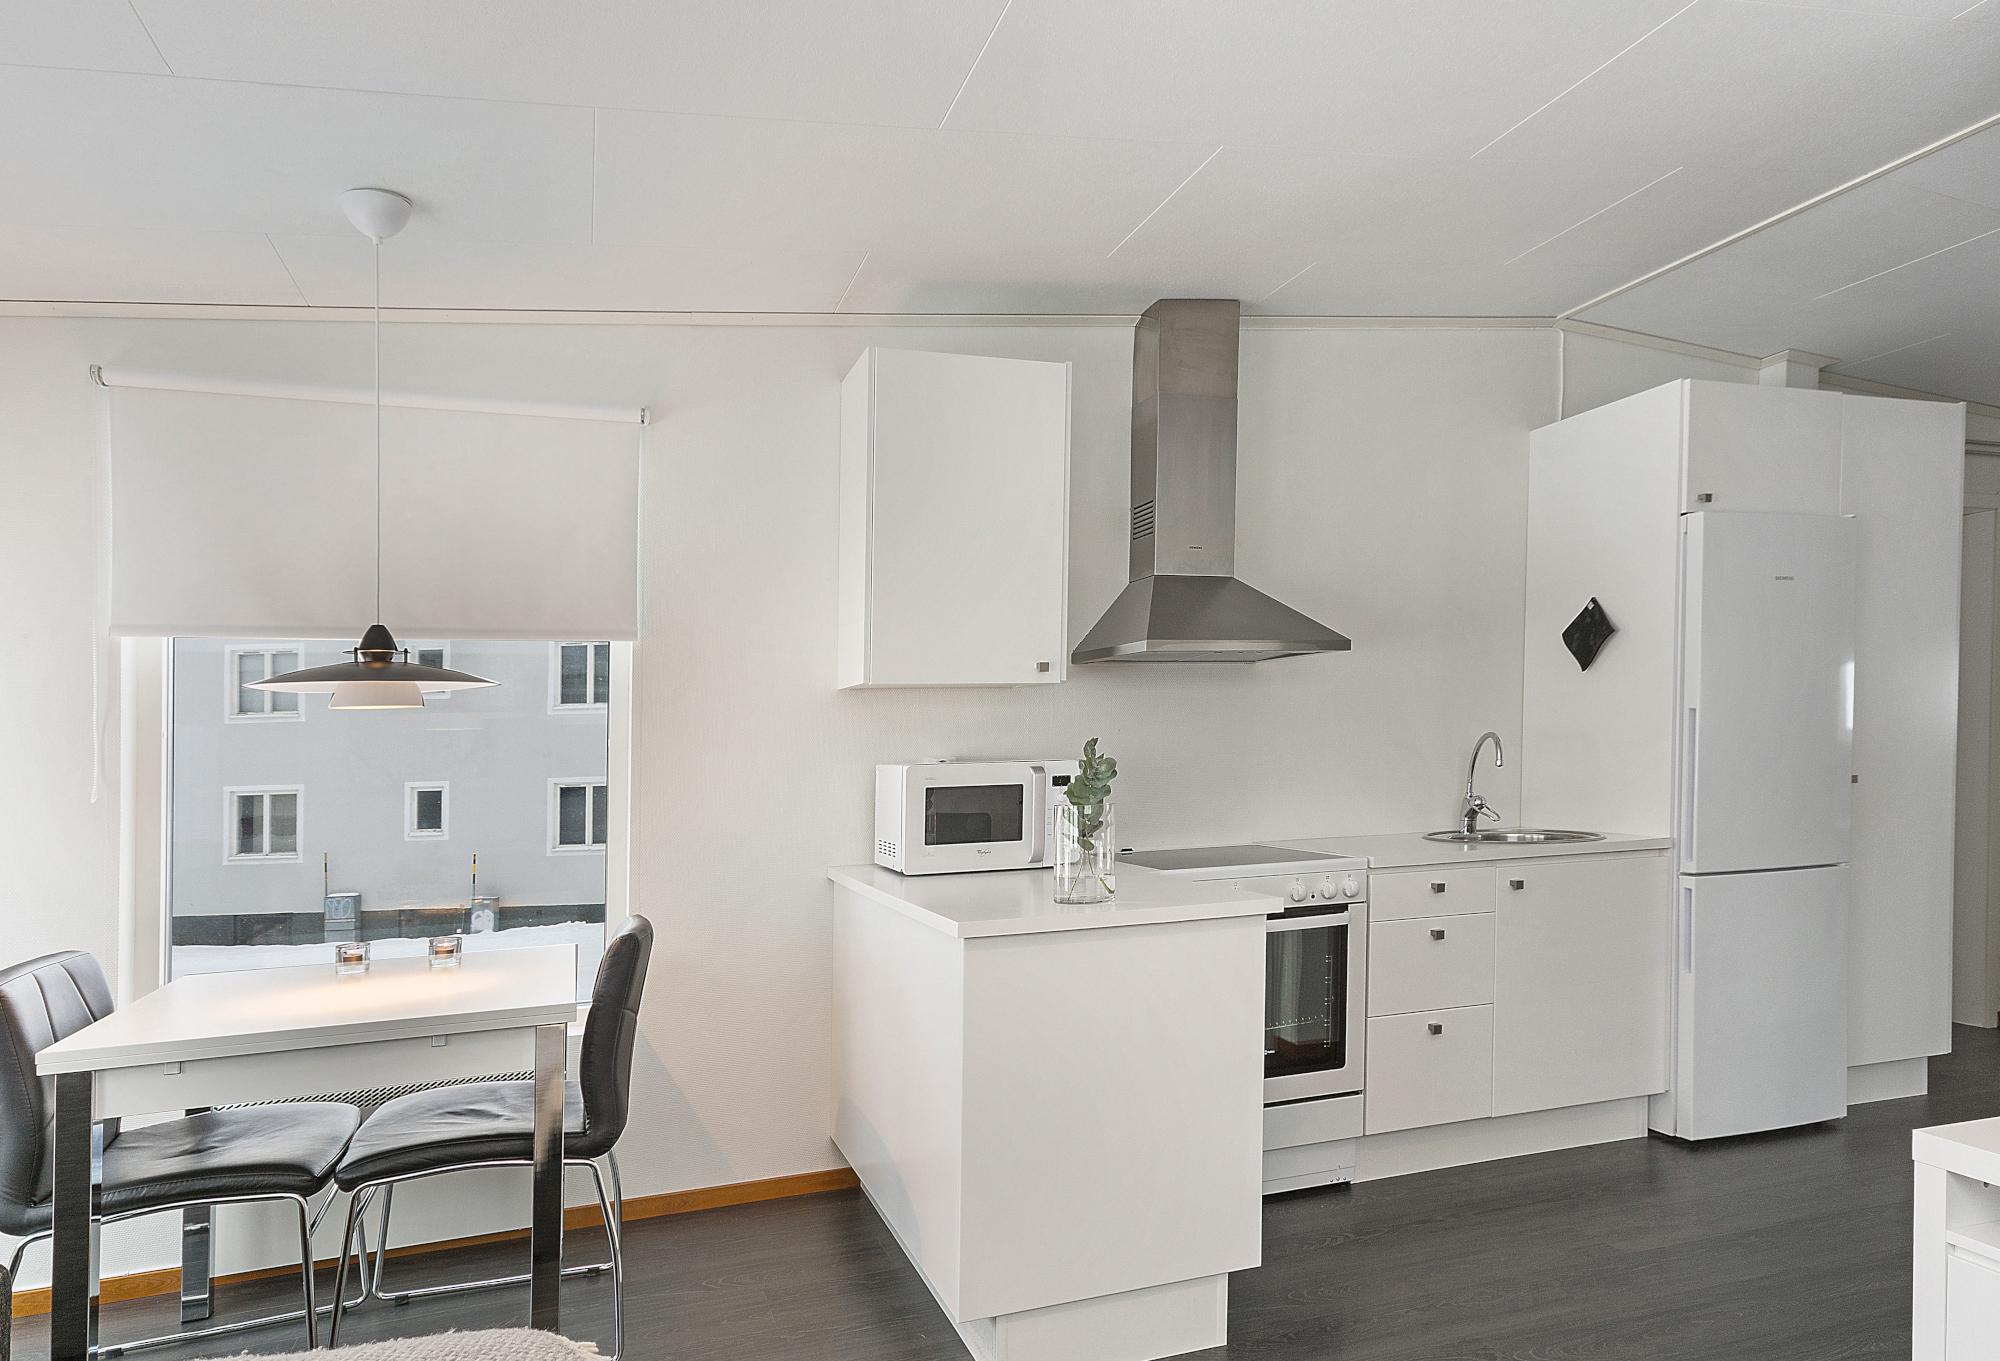 Svappavaara - Här finns ett rumsboende med 54rum för uthyrning. Rummen är ljusa och nyrenoverade med nyrenoverade kök och duschutrymmensom delas med övriga hyresgäster . Rummen kan hyras möblerade eller omöblerade på kort och lång tid. Kontakta oss för priser för just erat behov! om